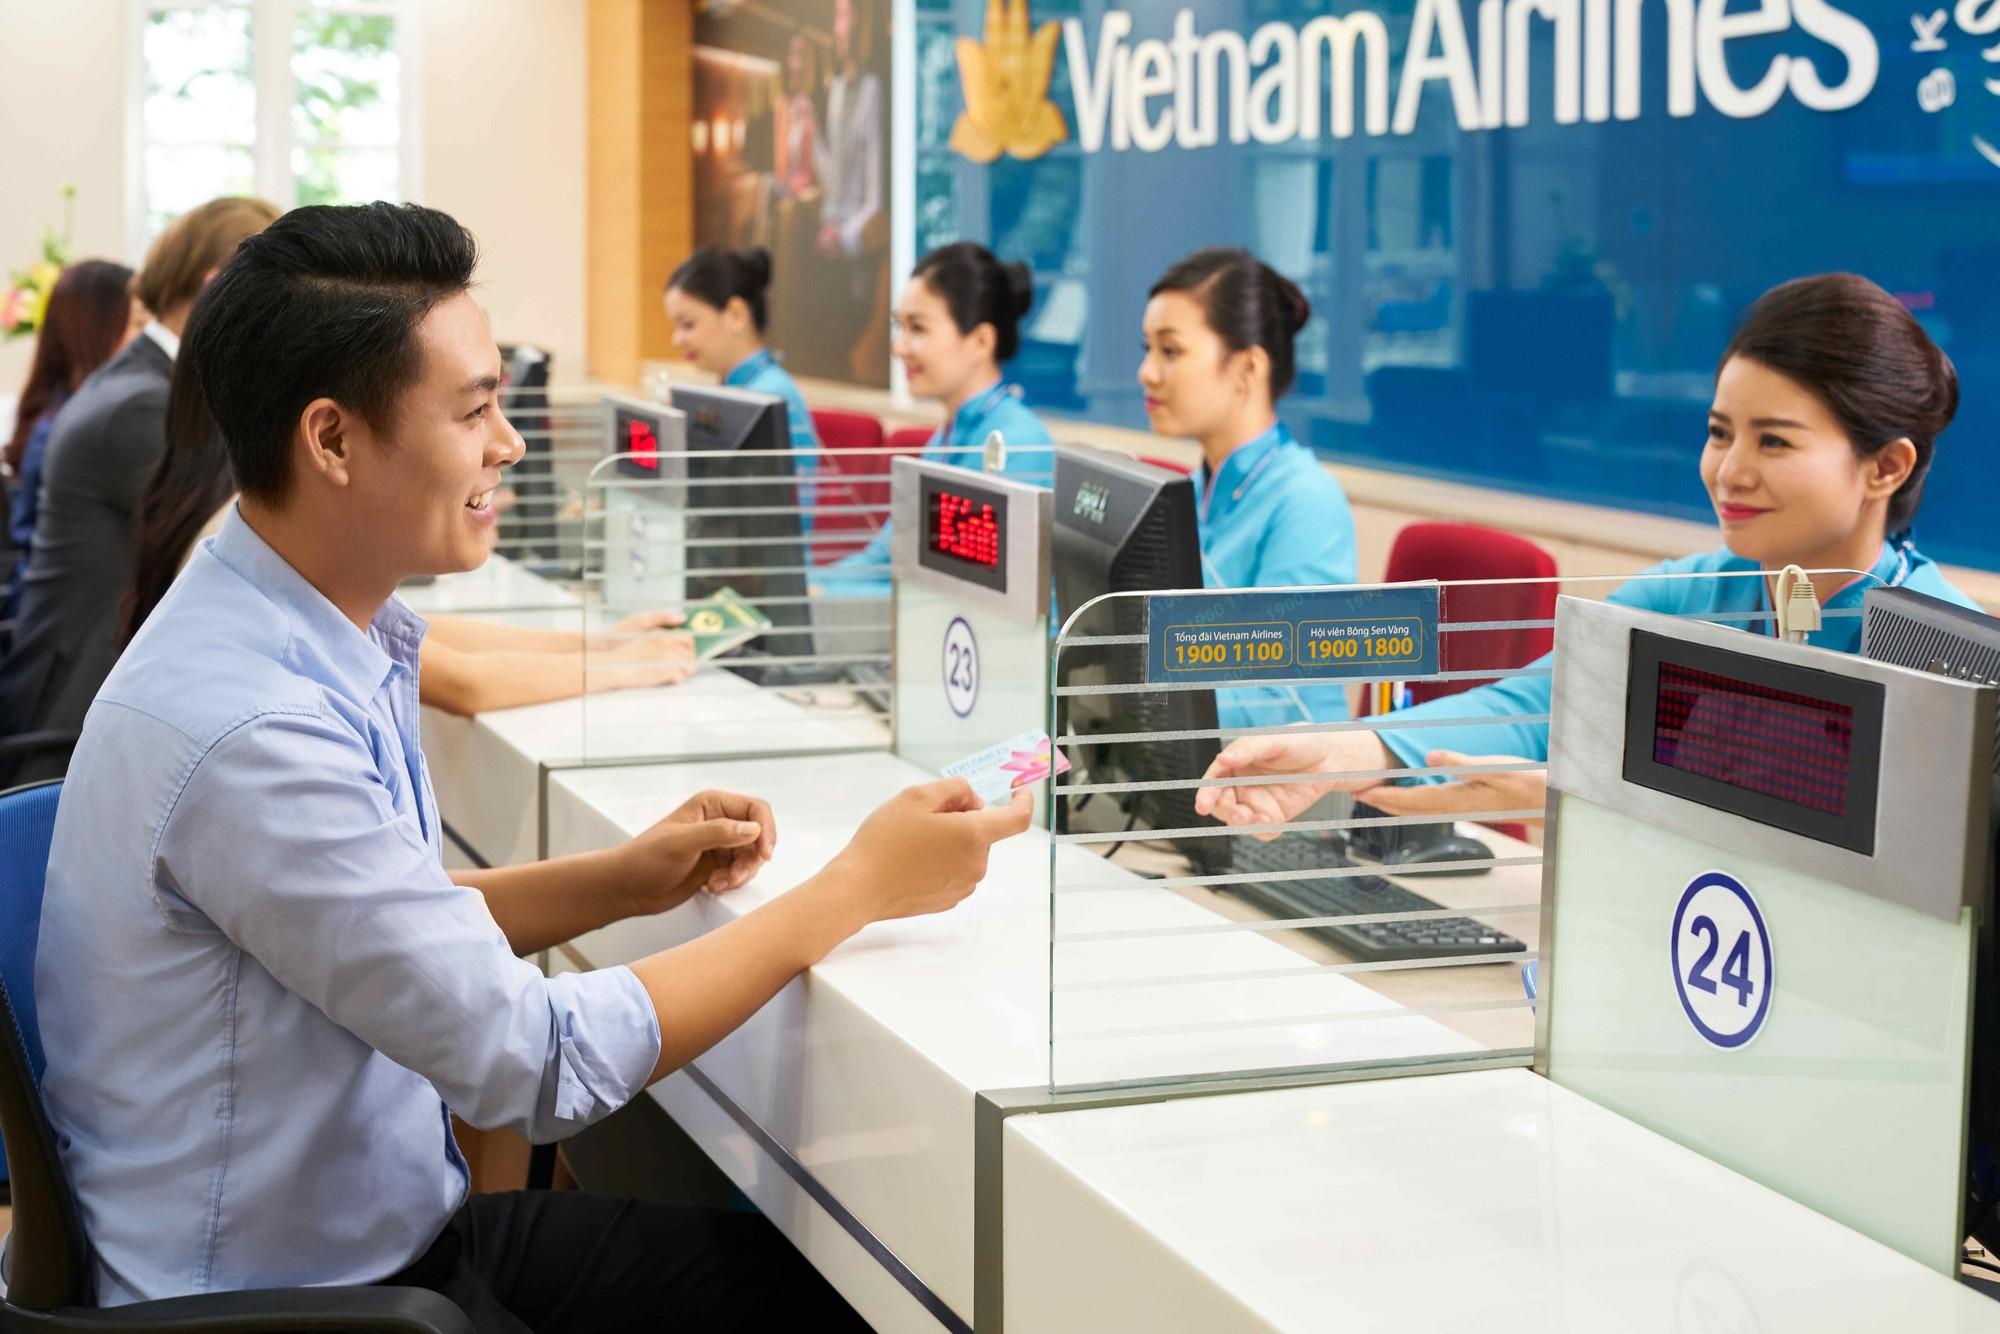 Vietnam Airlines giảm 50% giá vé đi Đông Nam Á cho khách không hành lí - Ảnh 1.